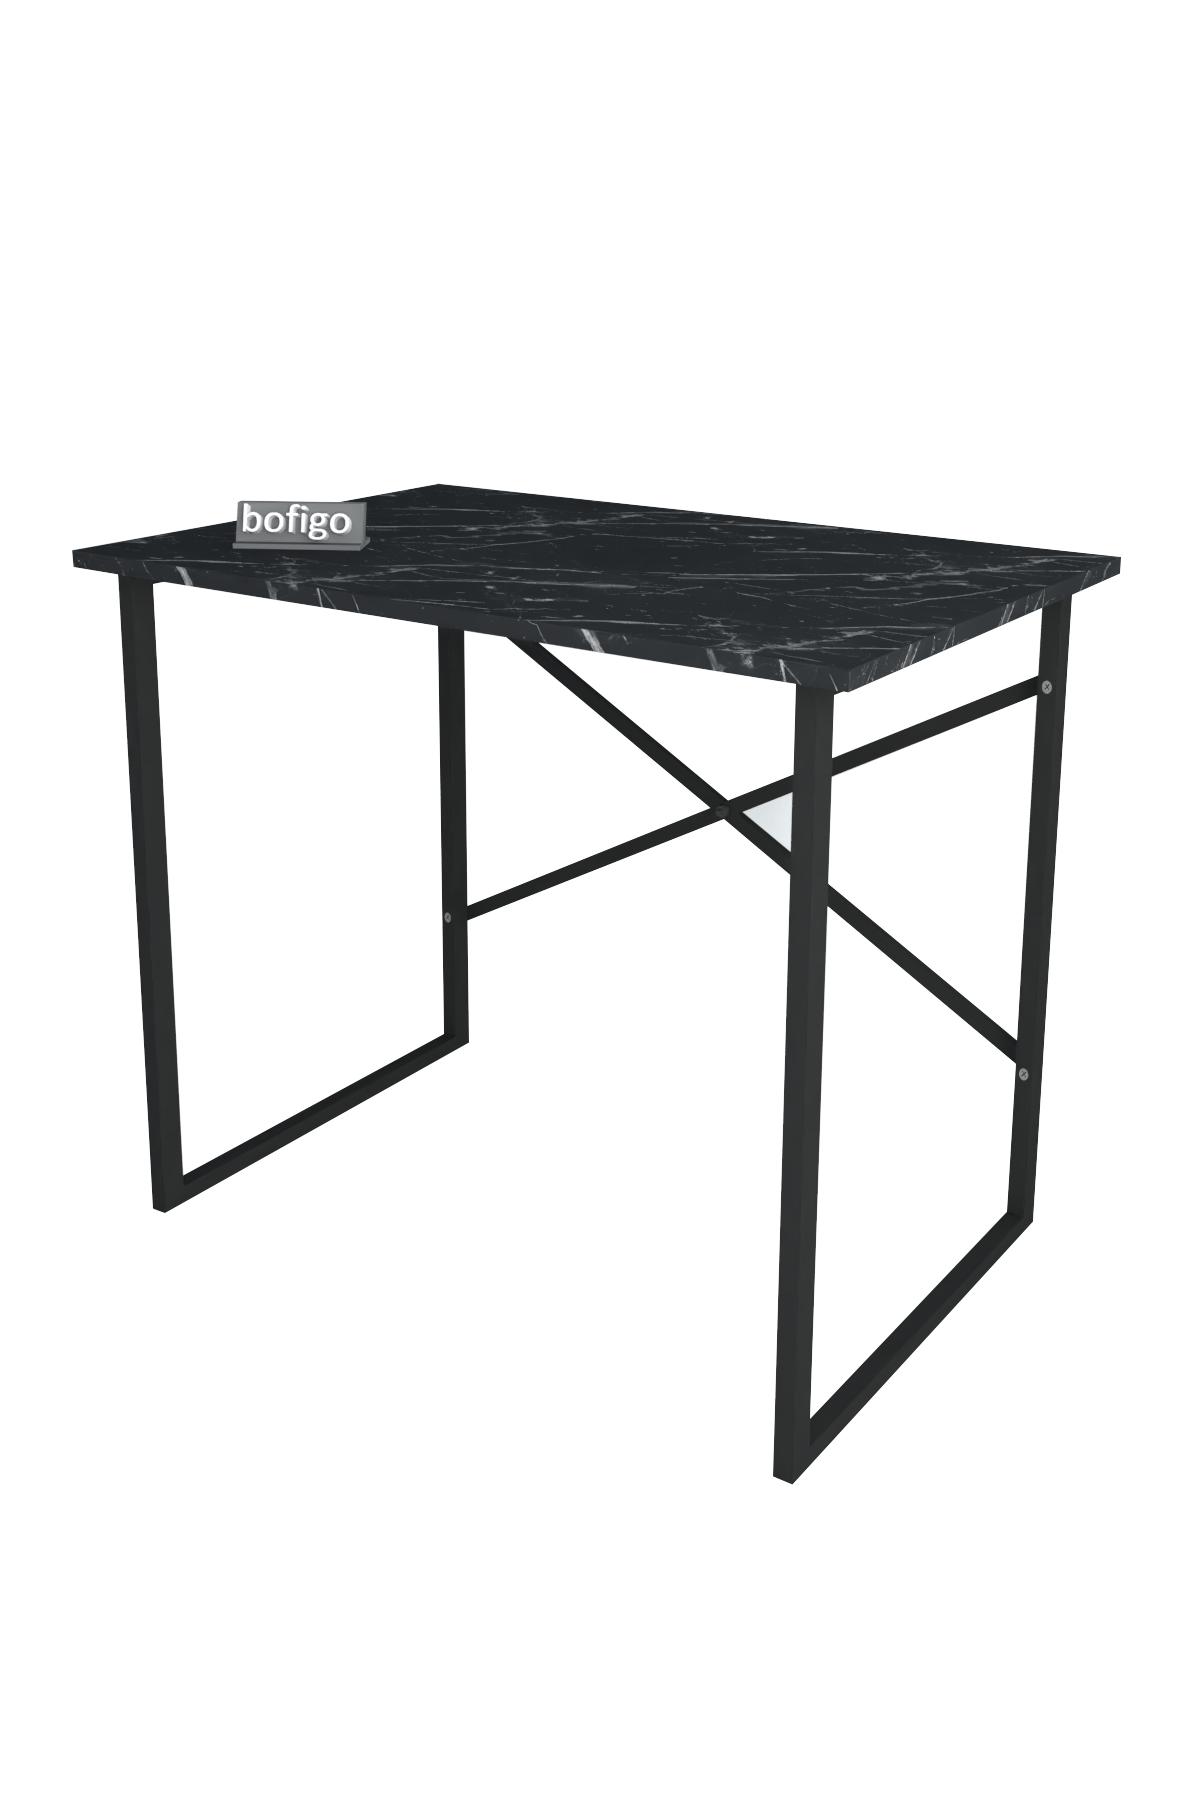 Bofigo 60x90 cm Çalışma Masası Laptop Bilgisayar Masası Ofis Ders Yemek Cocuk Masası Bendir 4